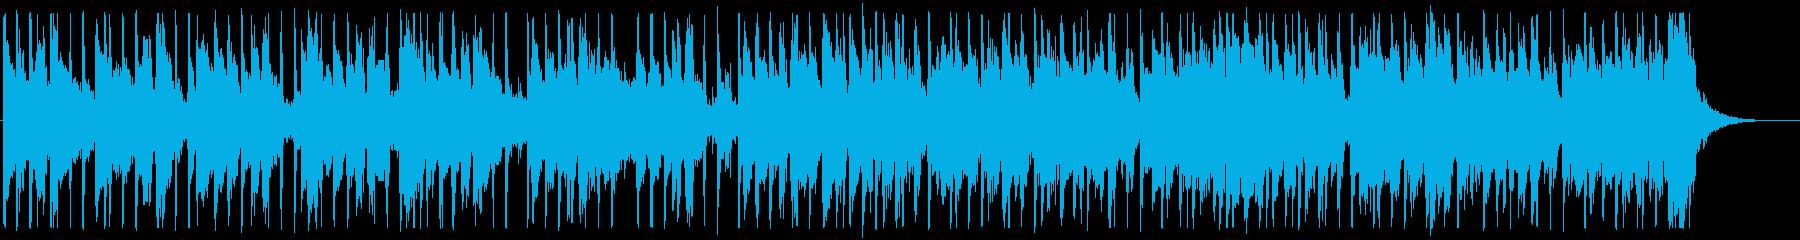 涼しげな夏のカフェBGM_No584_3の再生済みの波形